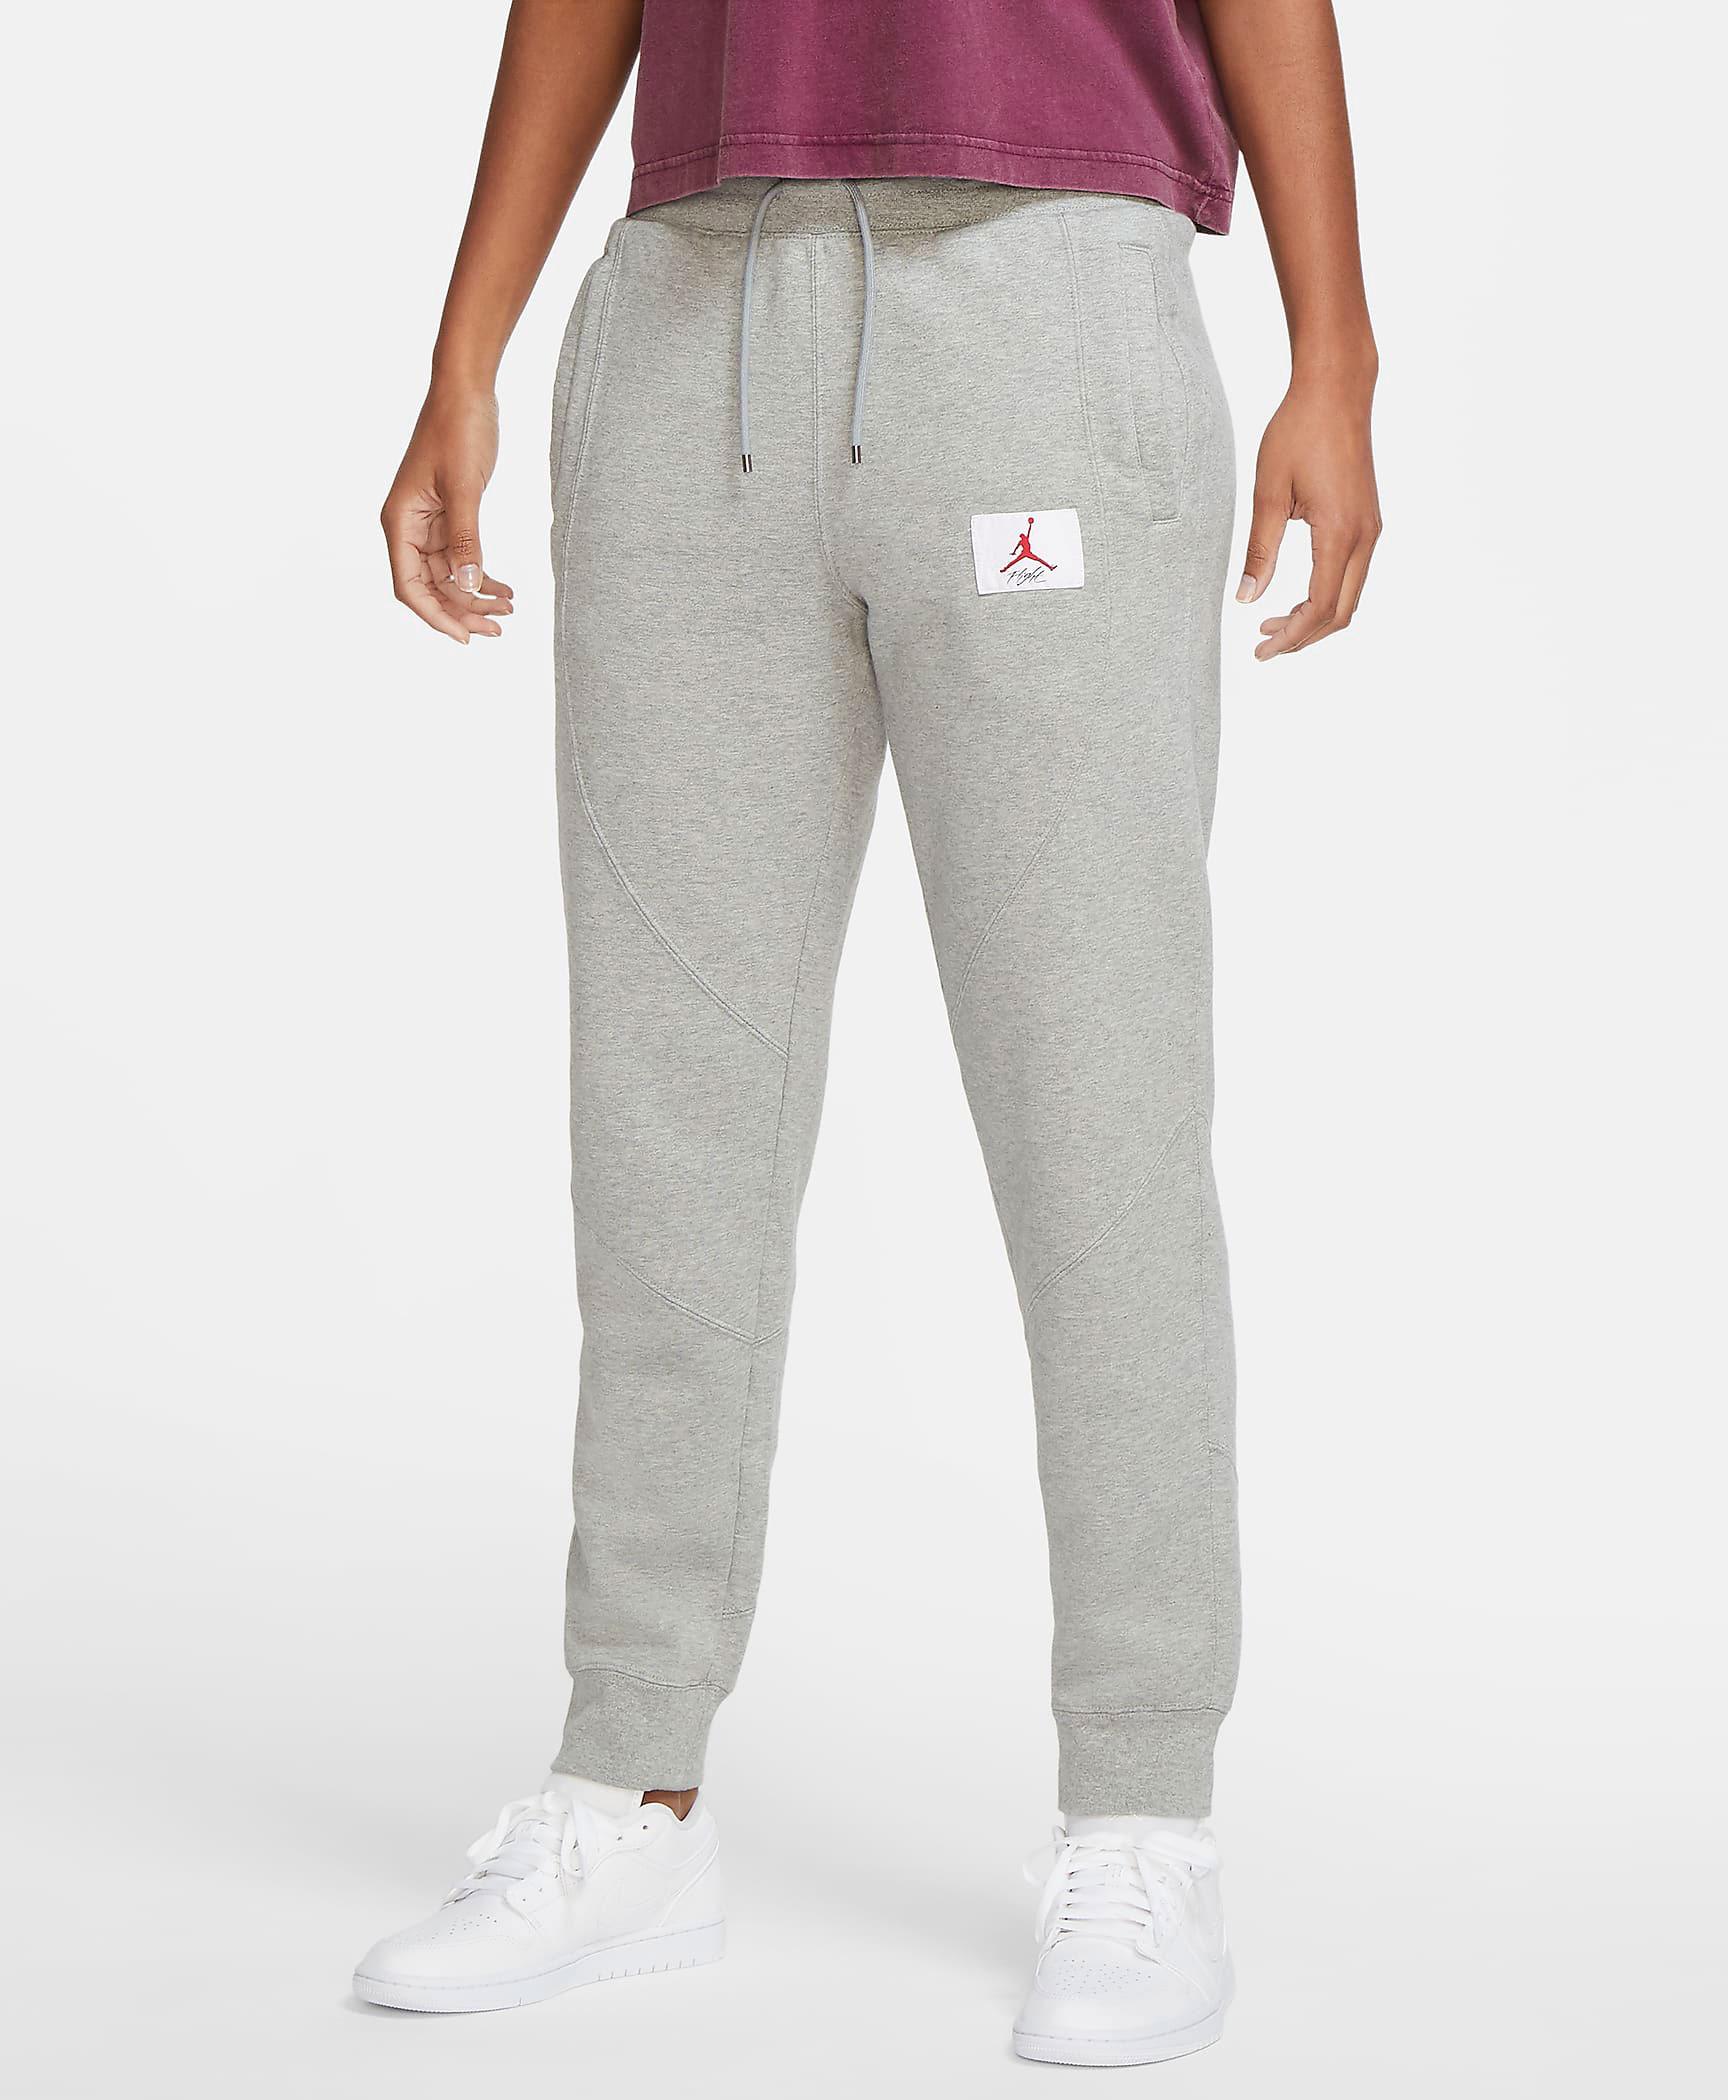 jordan-womens-flight-pants-cement-grey